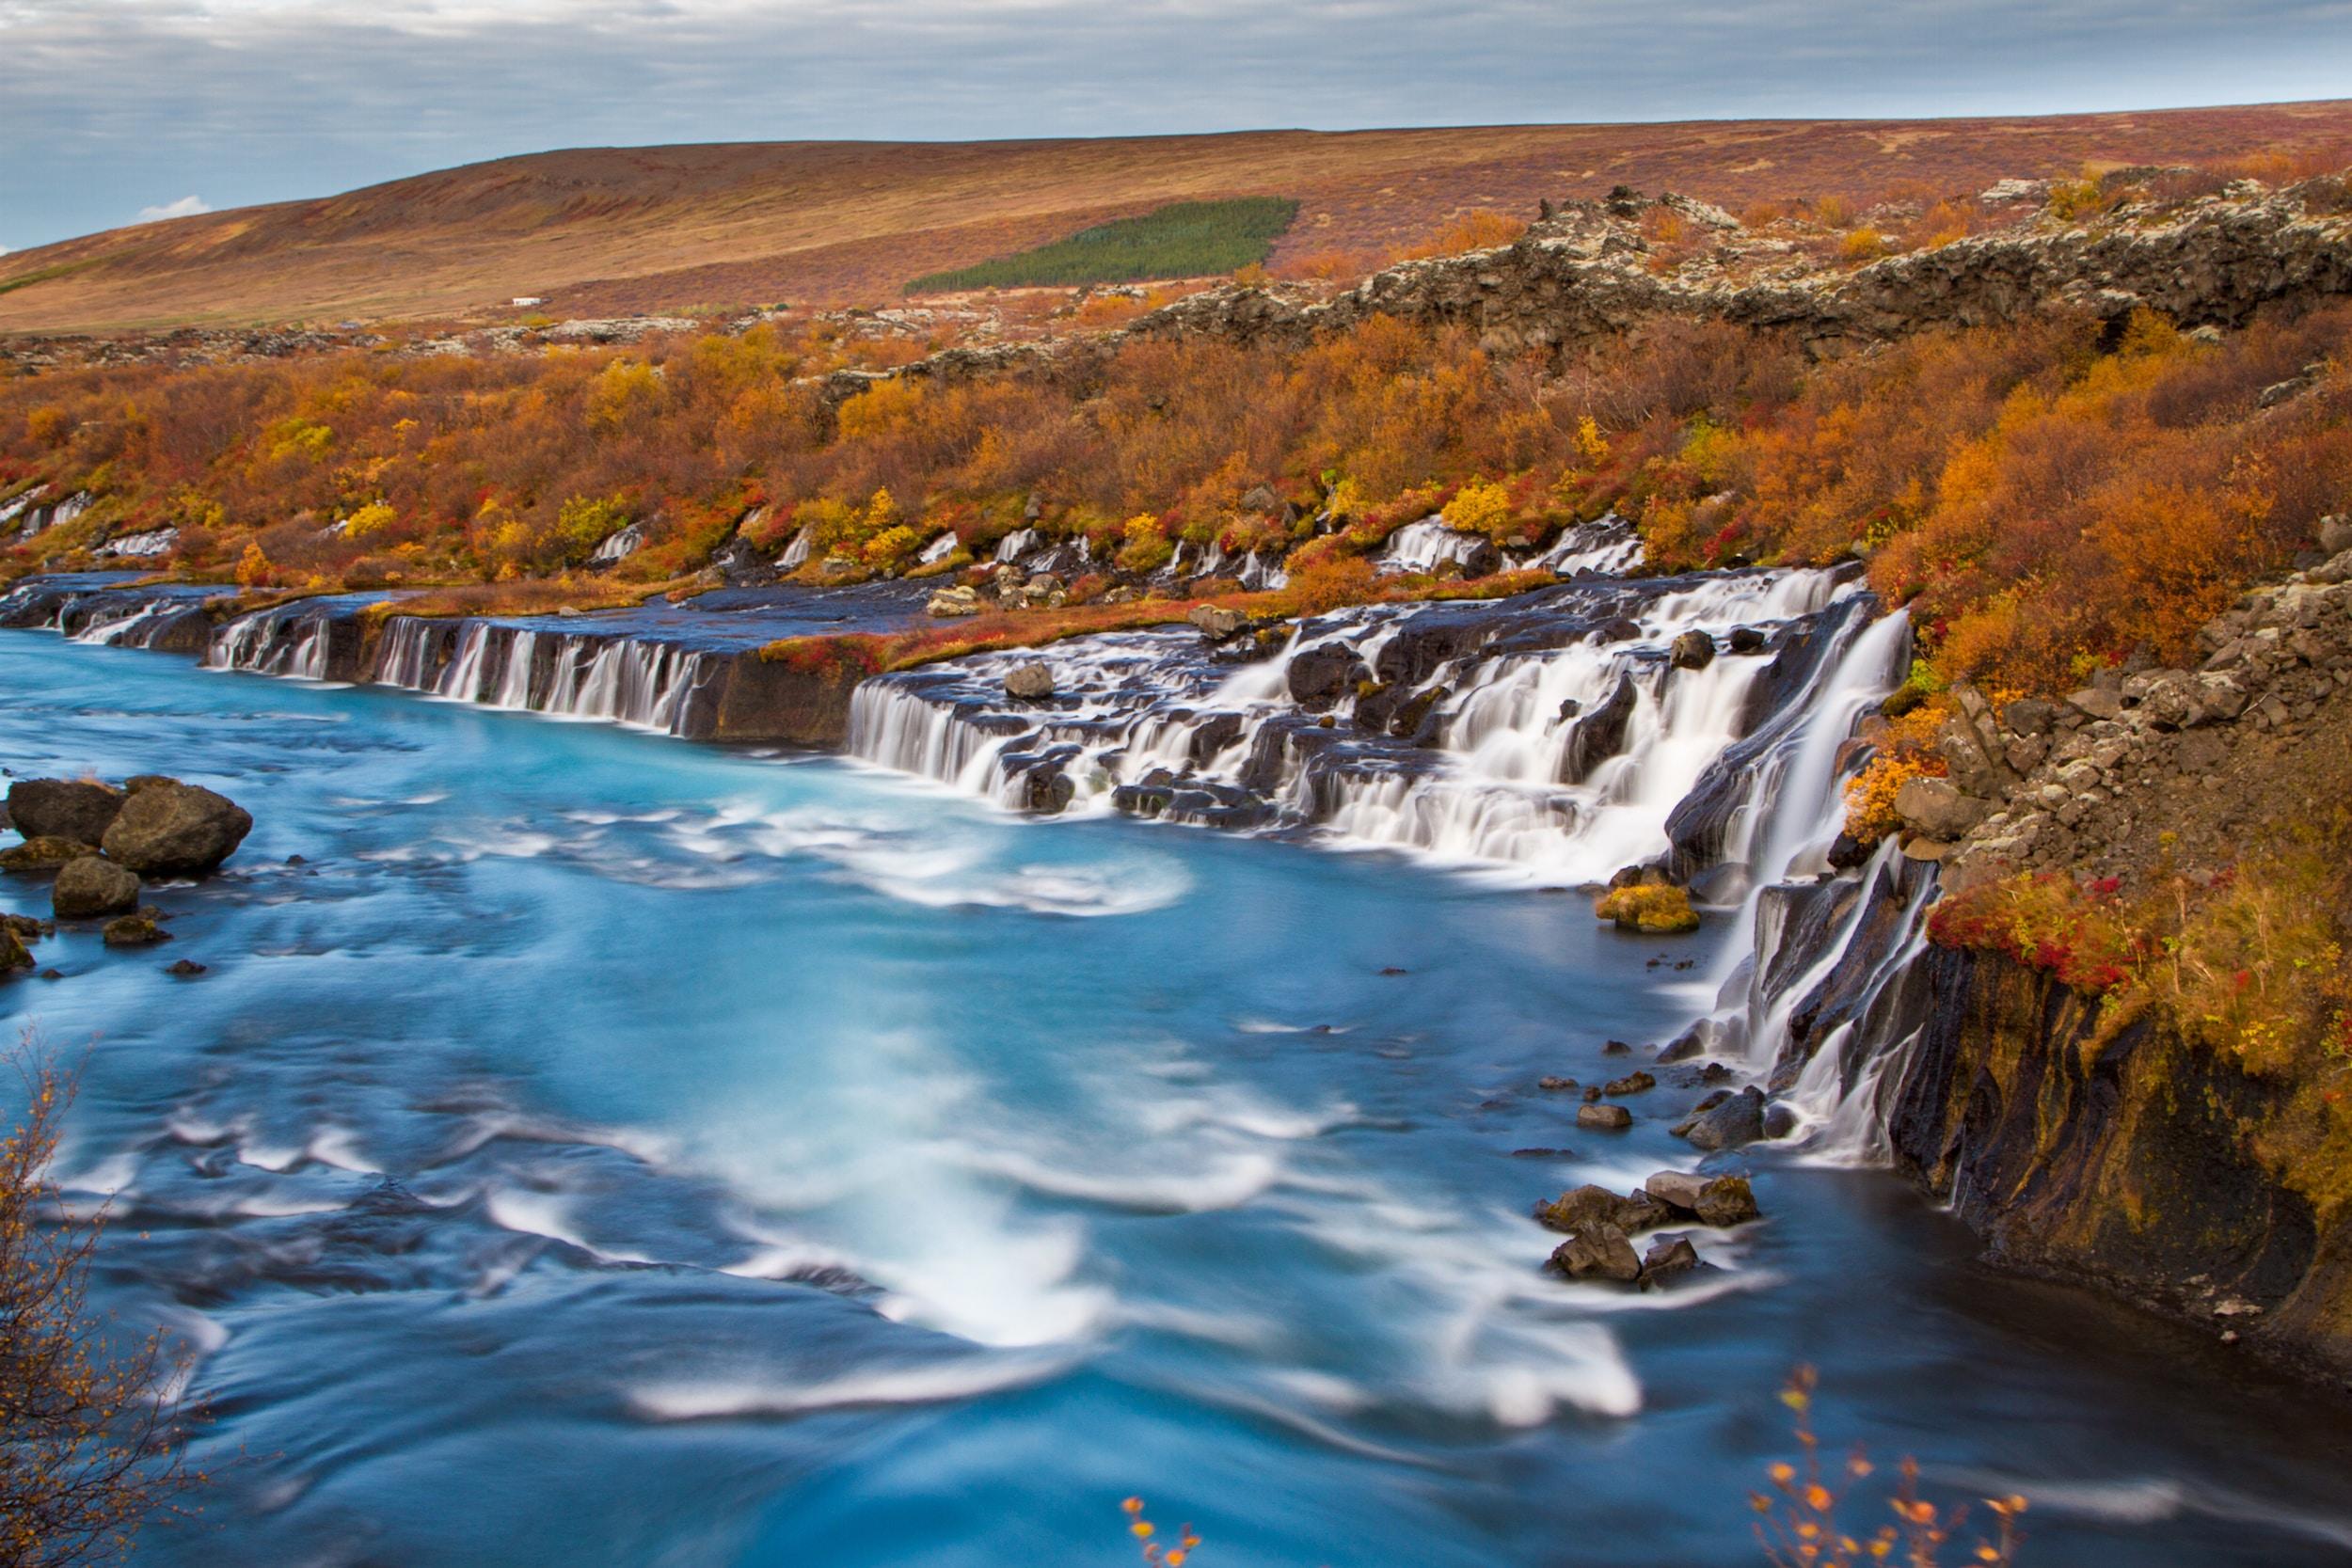 Wodospad wpada do przepięknej rzeki na zachodzie Islandii.